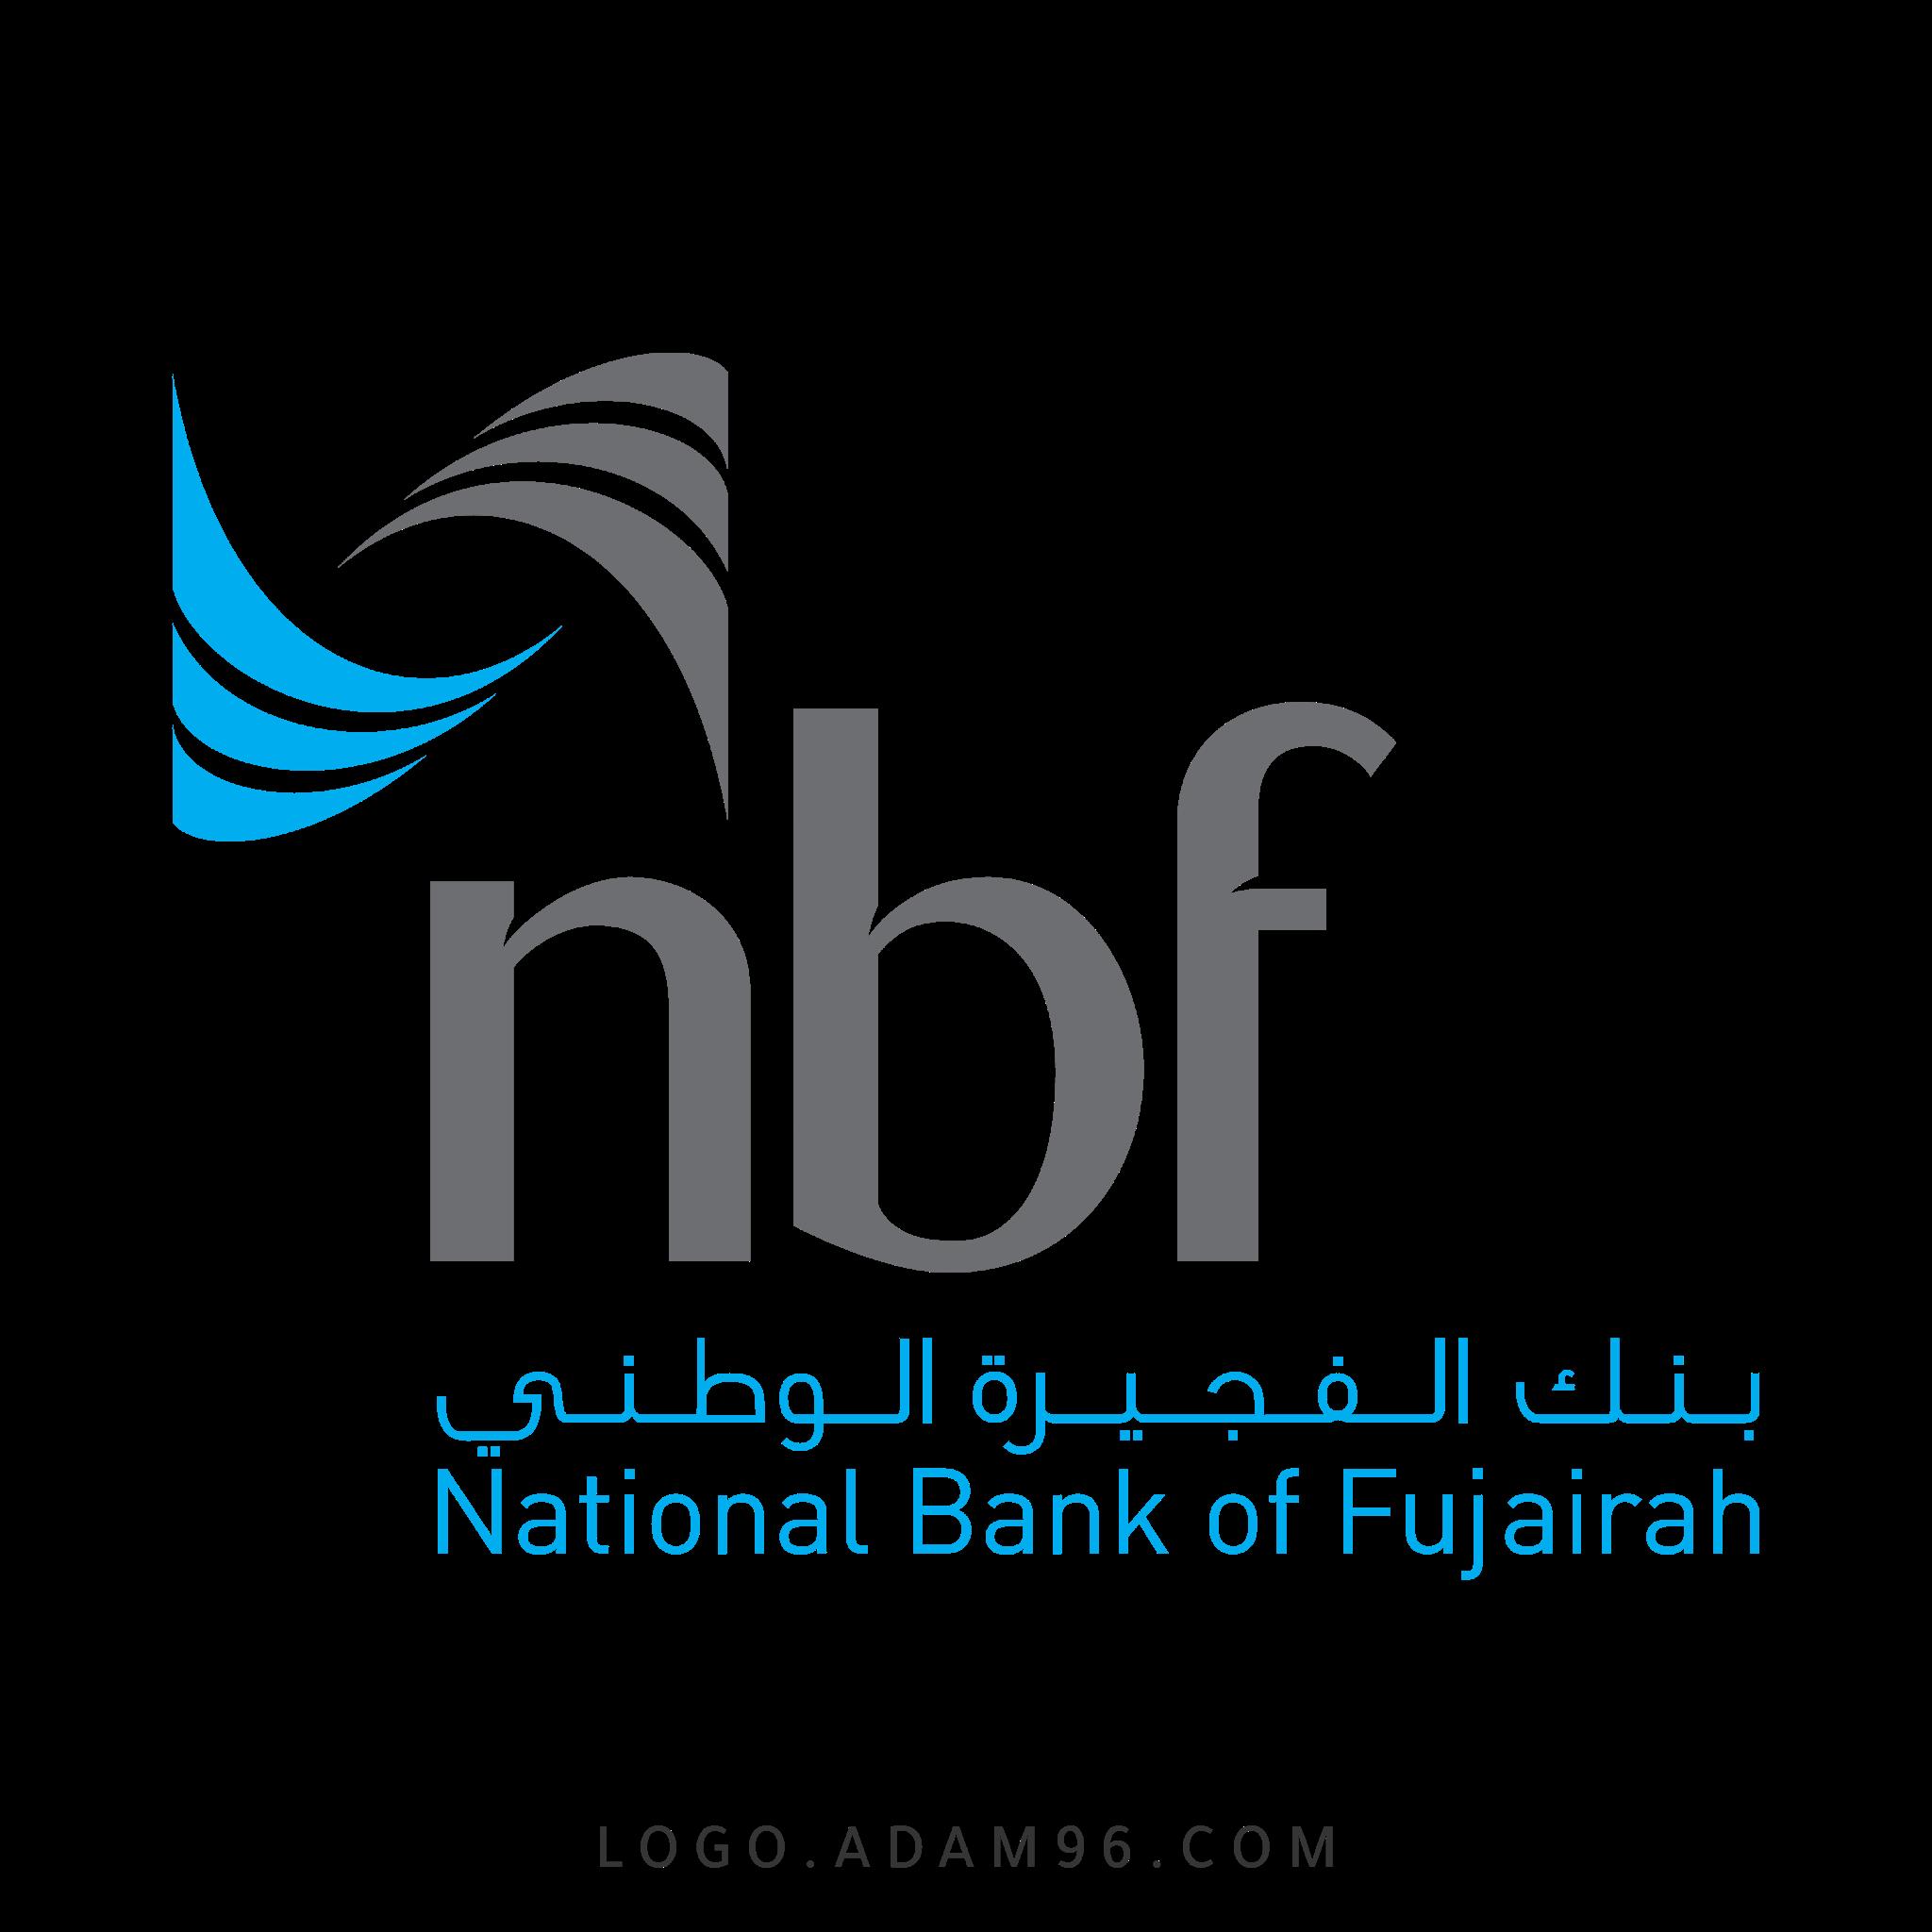 تحميل شعار بنك الفجيرة الوطني لوجو رسمي عالي الجودة PNG